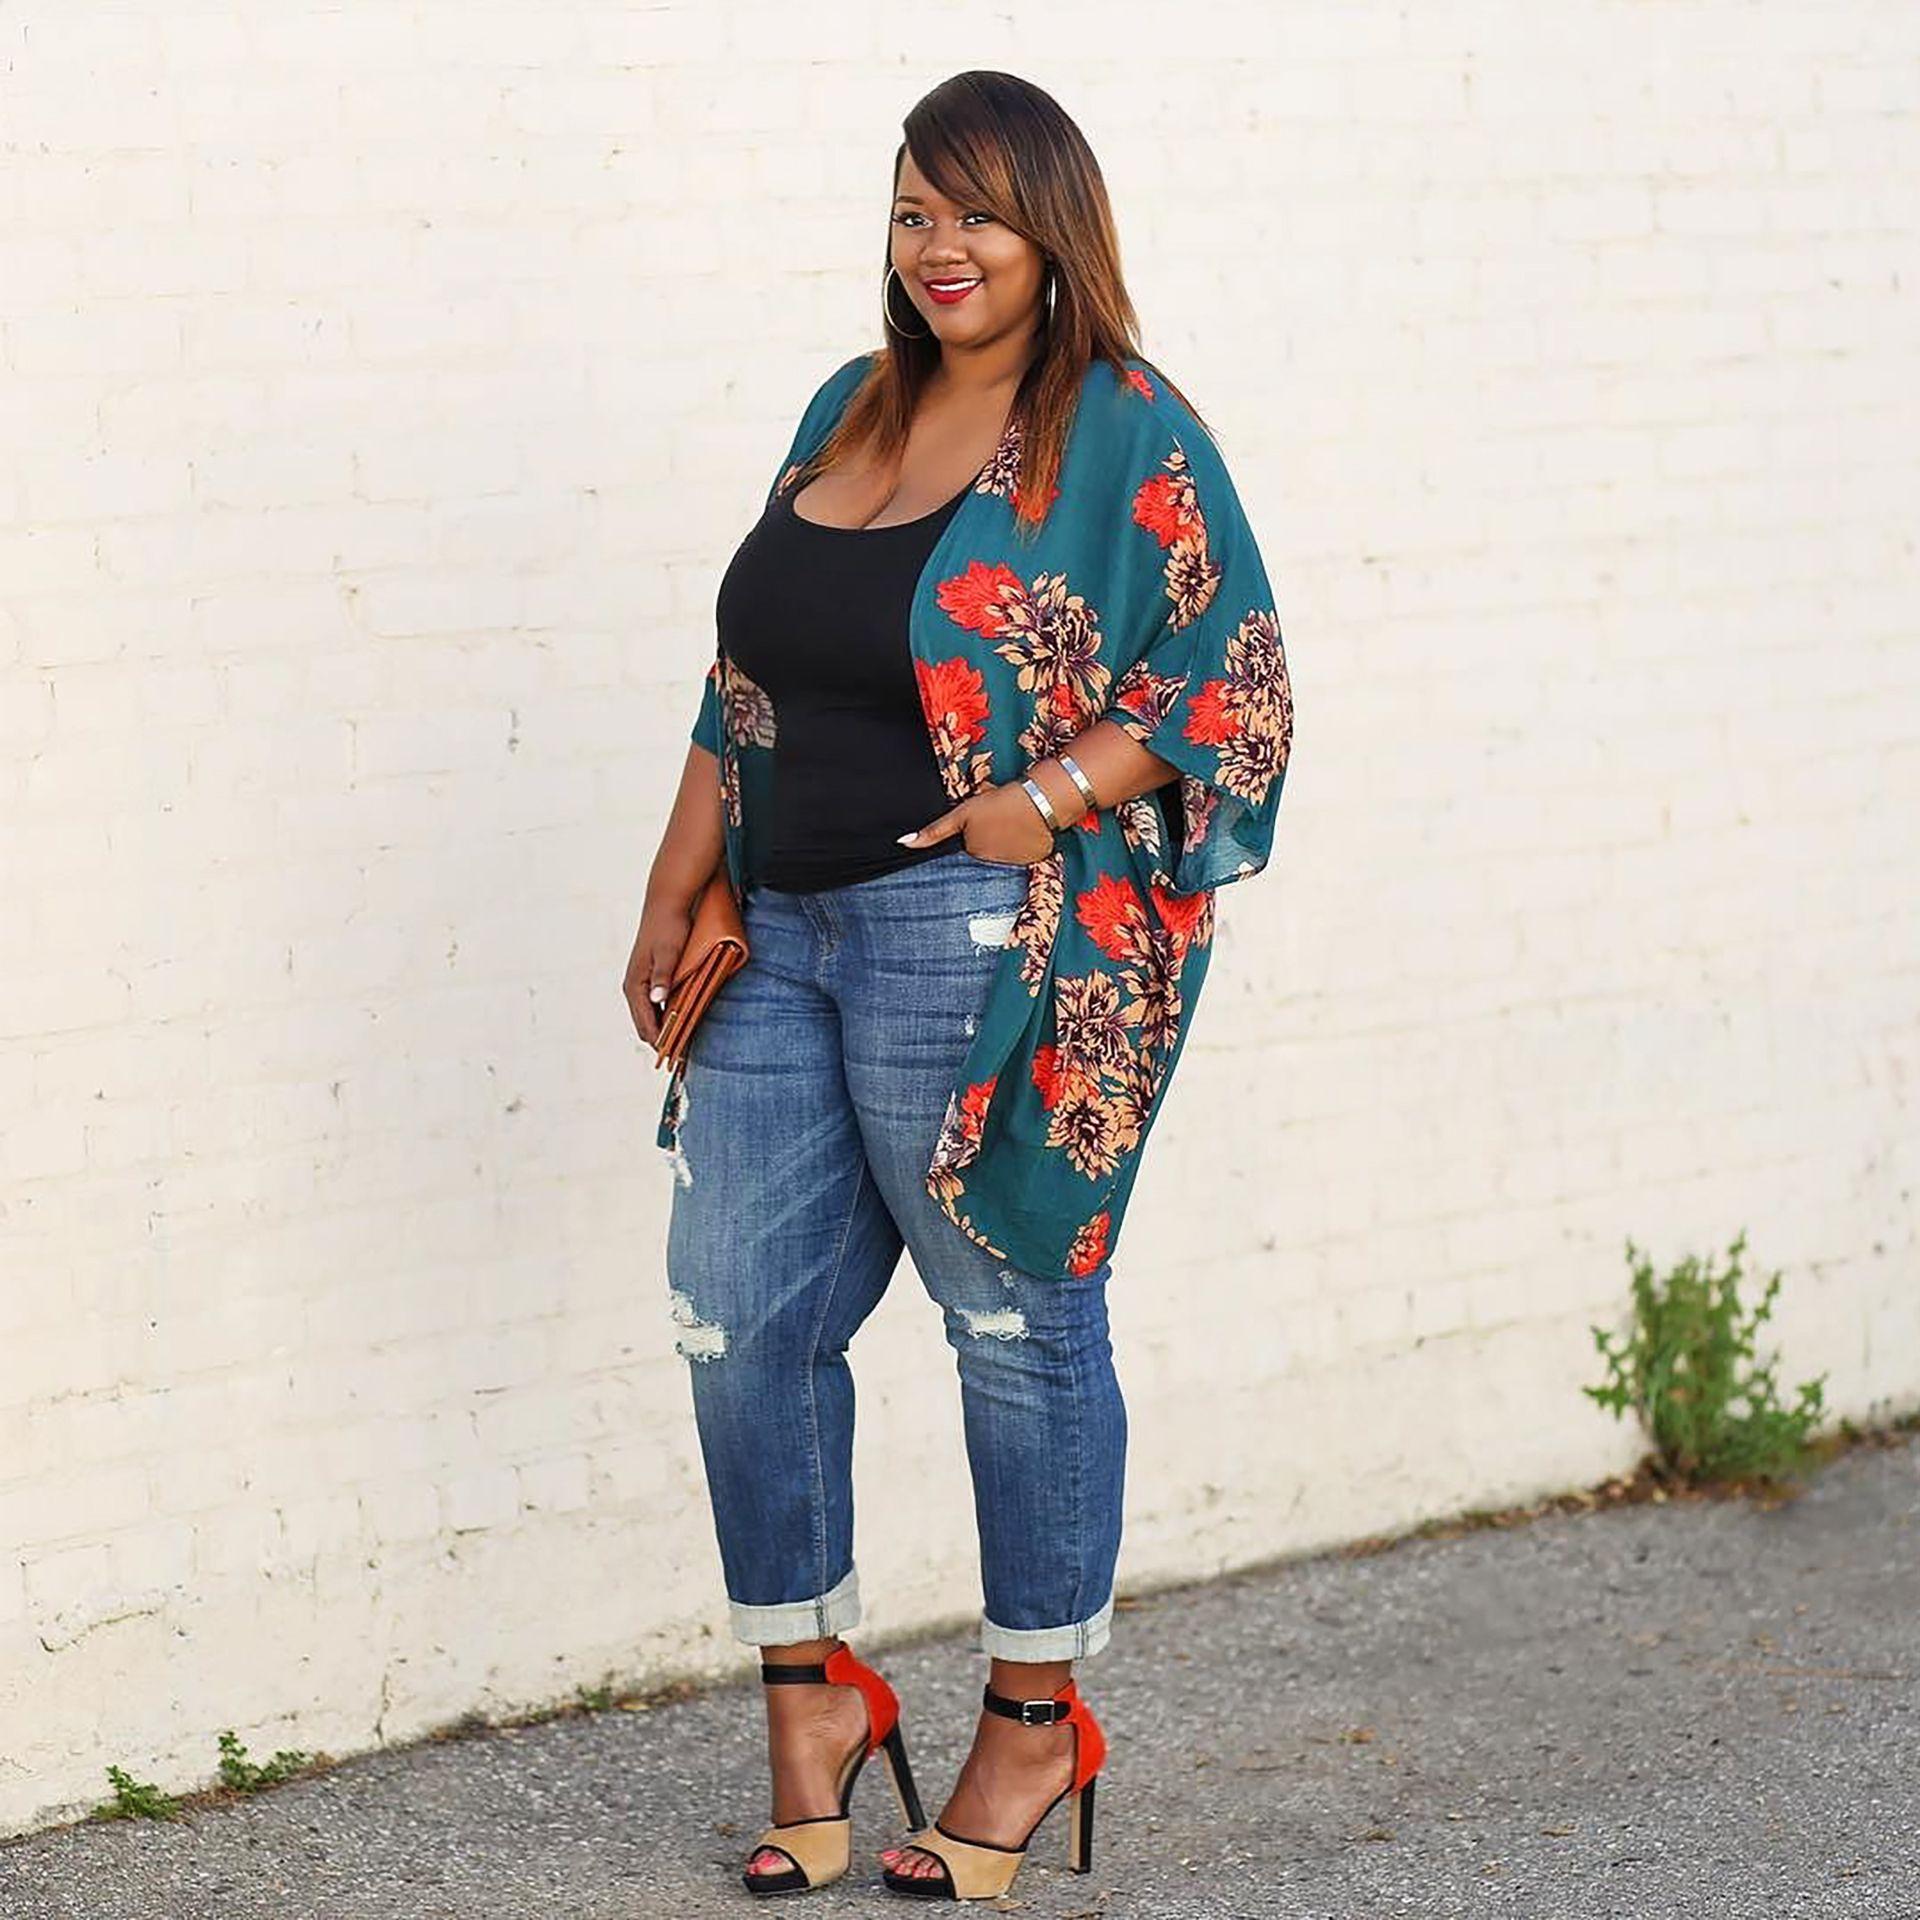 Kimono A Go-Go Street Style